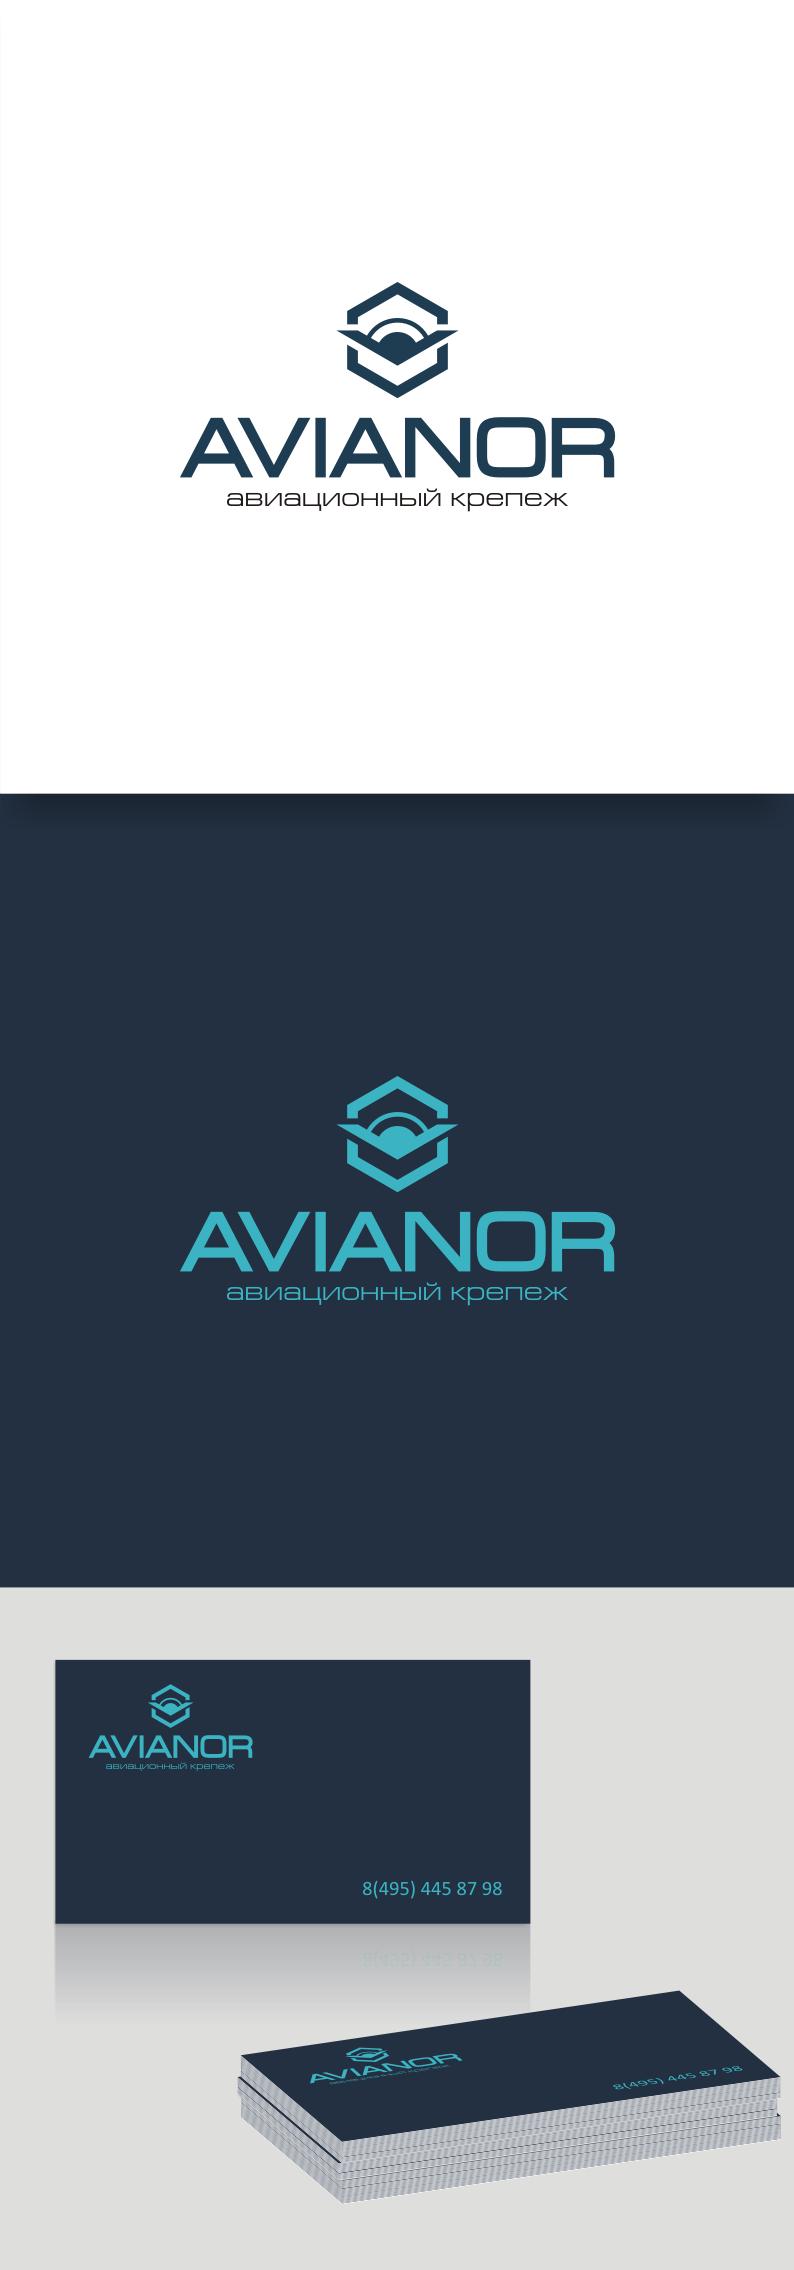 Нужен логотип и фирменный стиль для завода фото f_0305291e0c13d65e.png